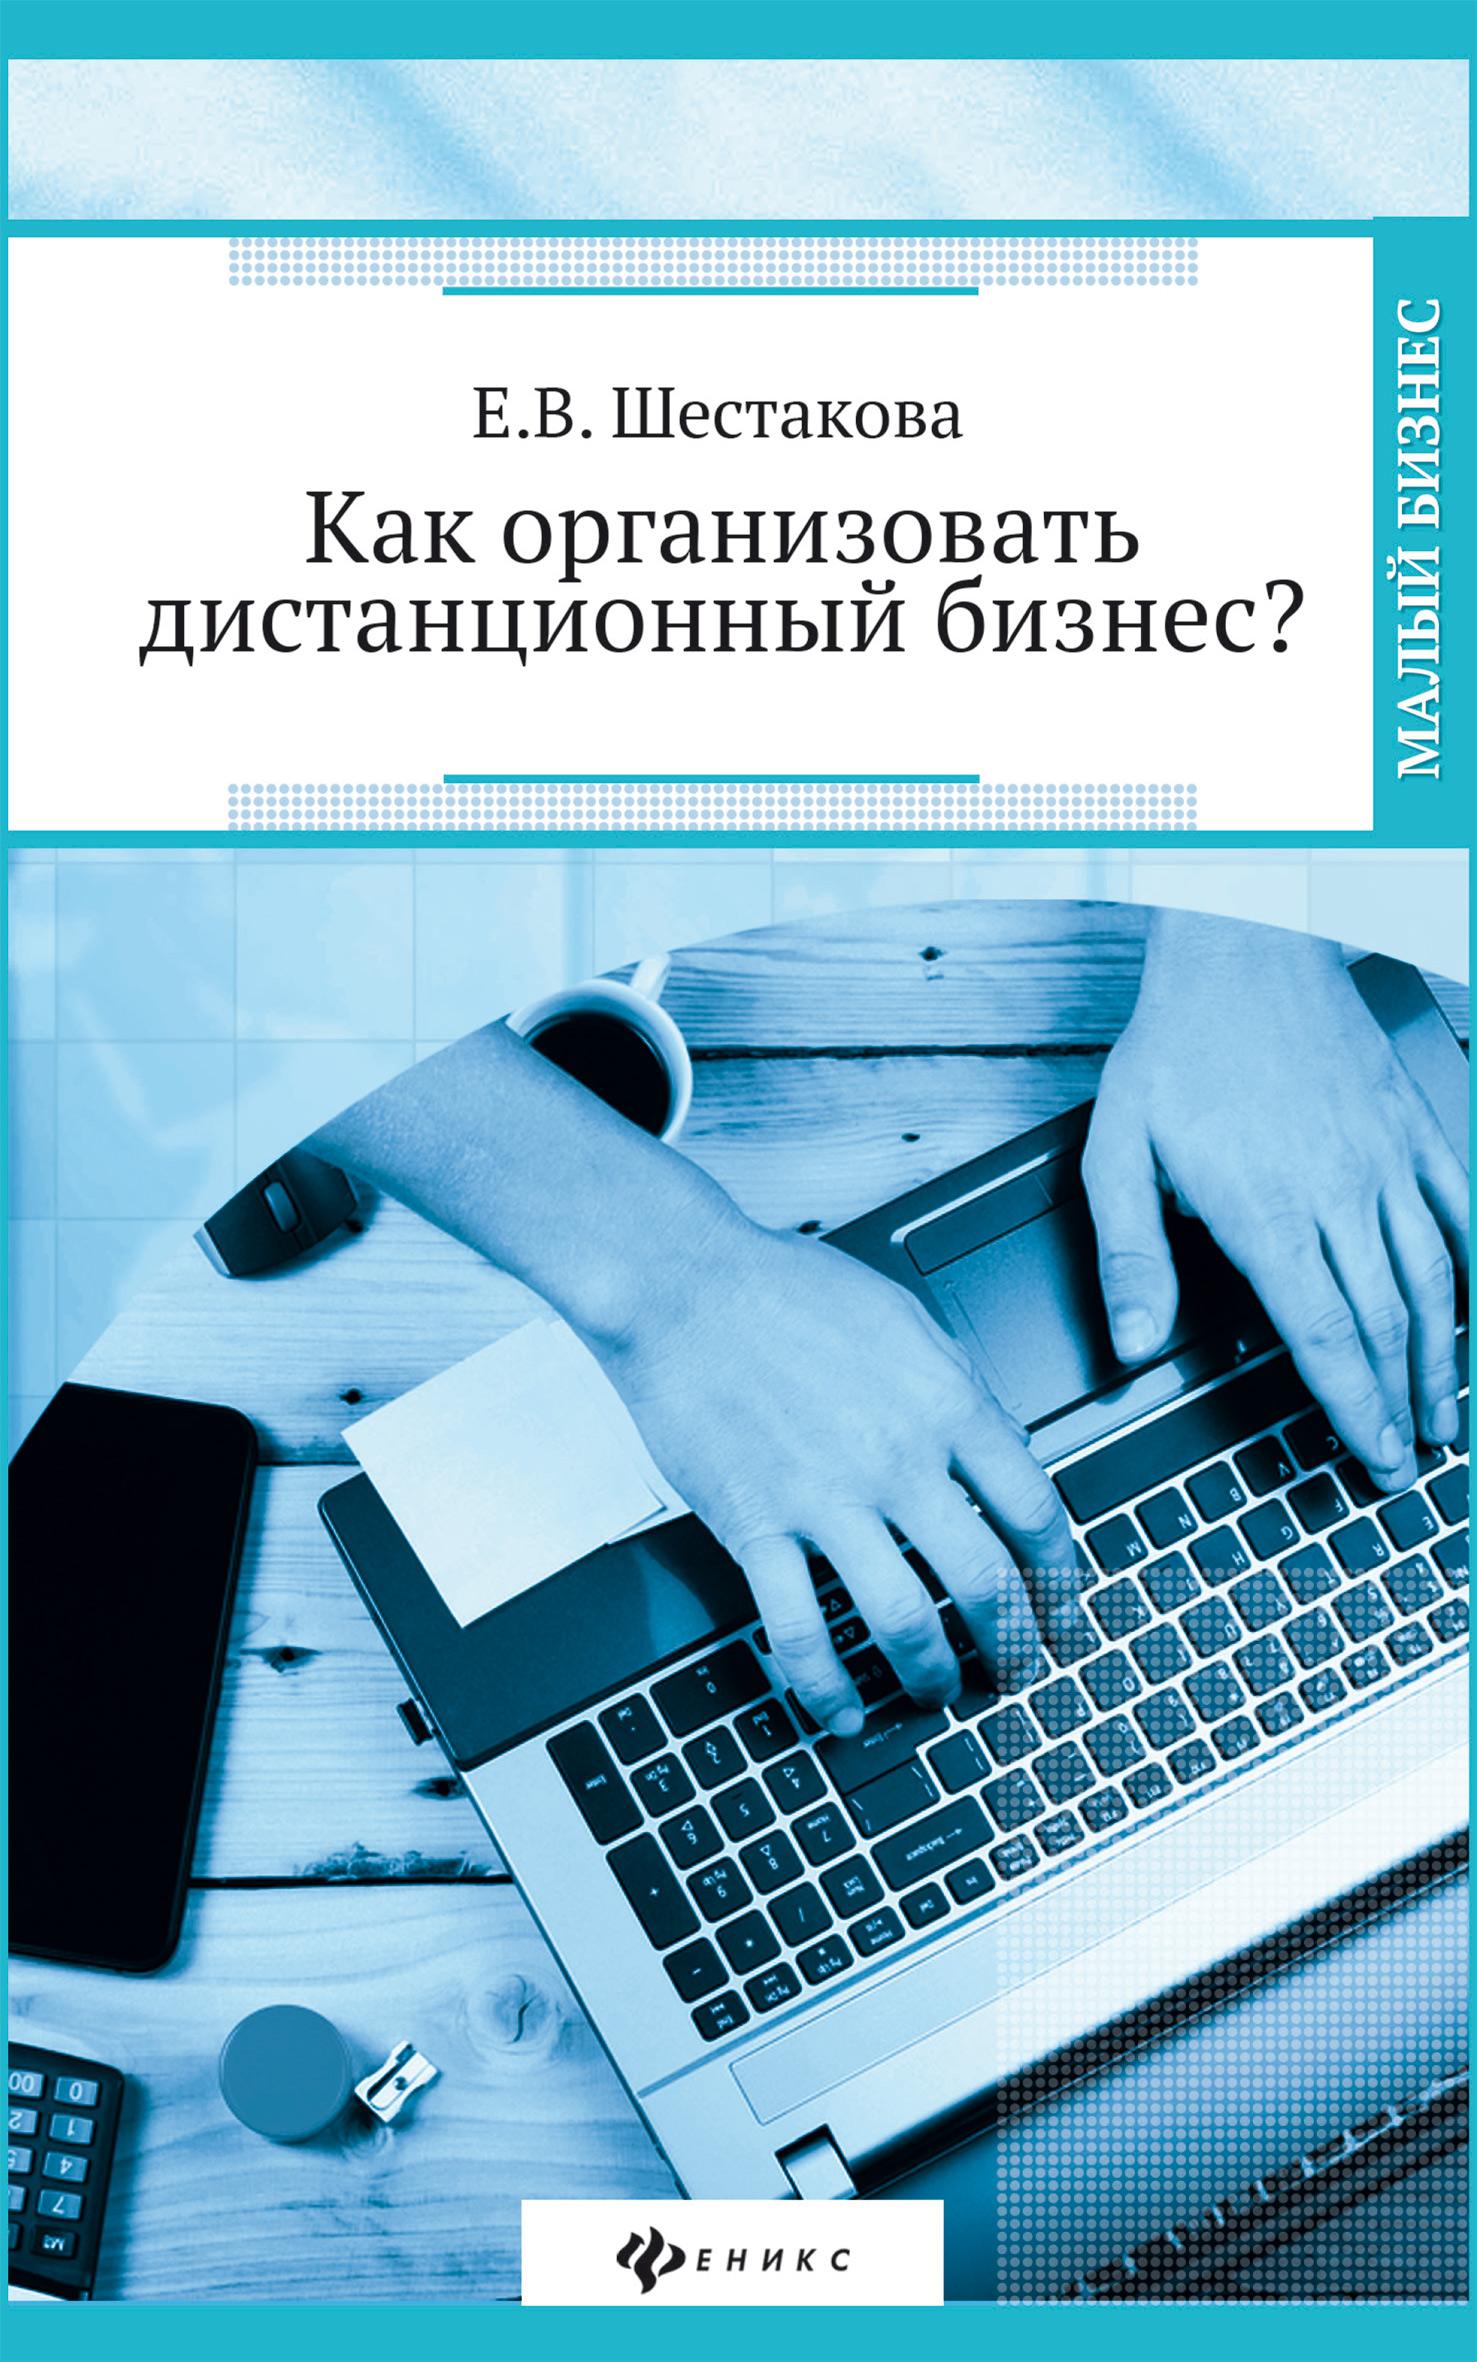 шестакова е как организовать дистанционный бизнес Е. В. Шестакова Как организовать дистанционный бизнес?